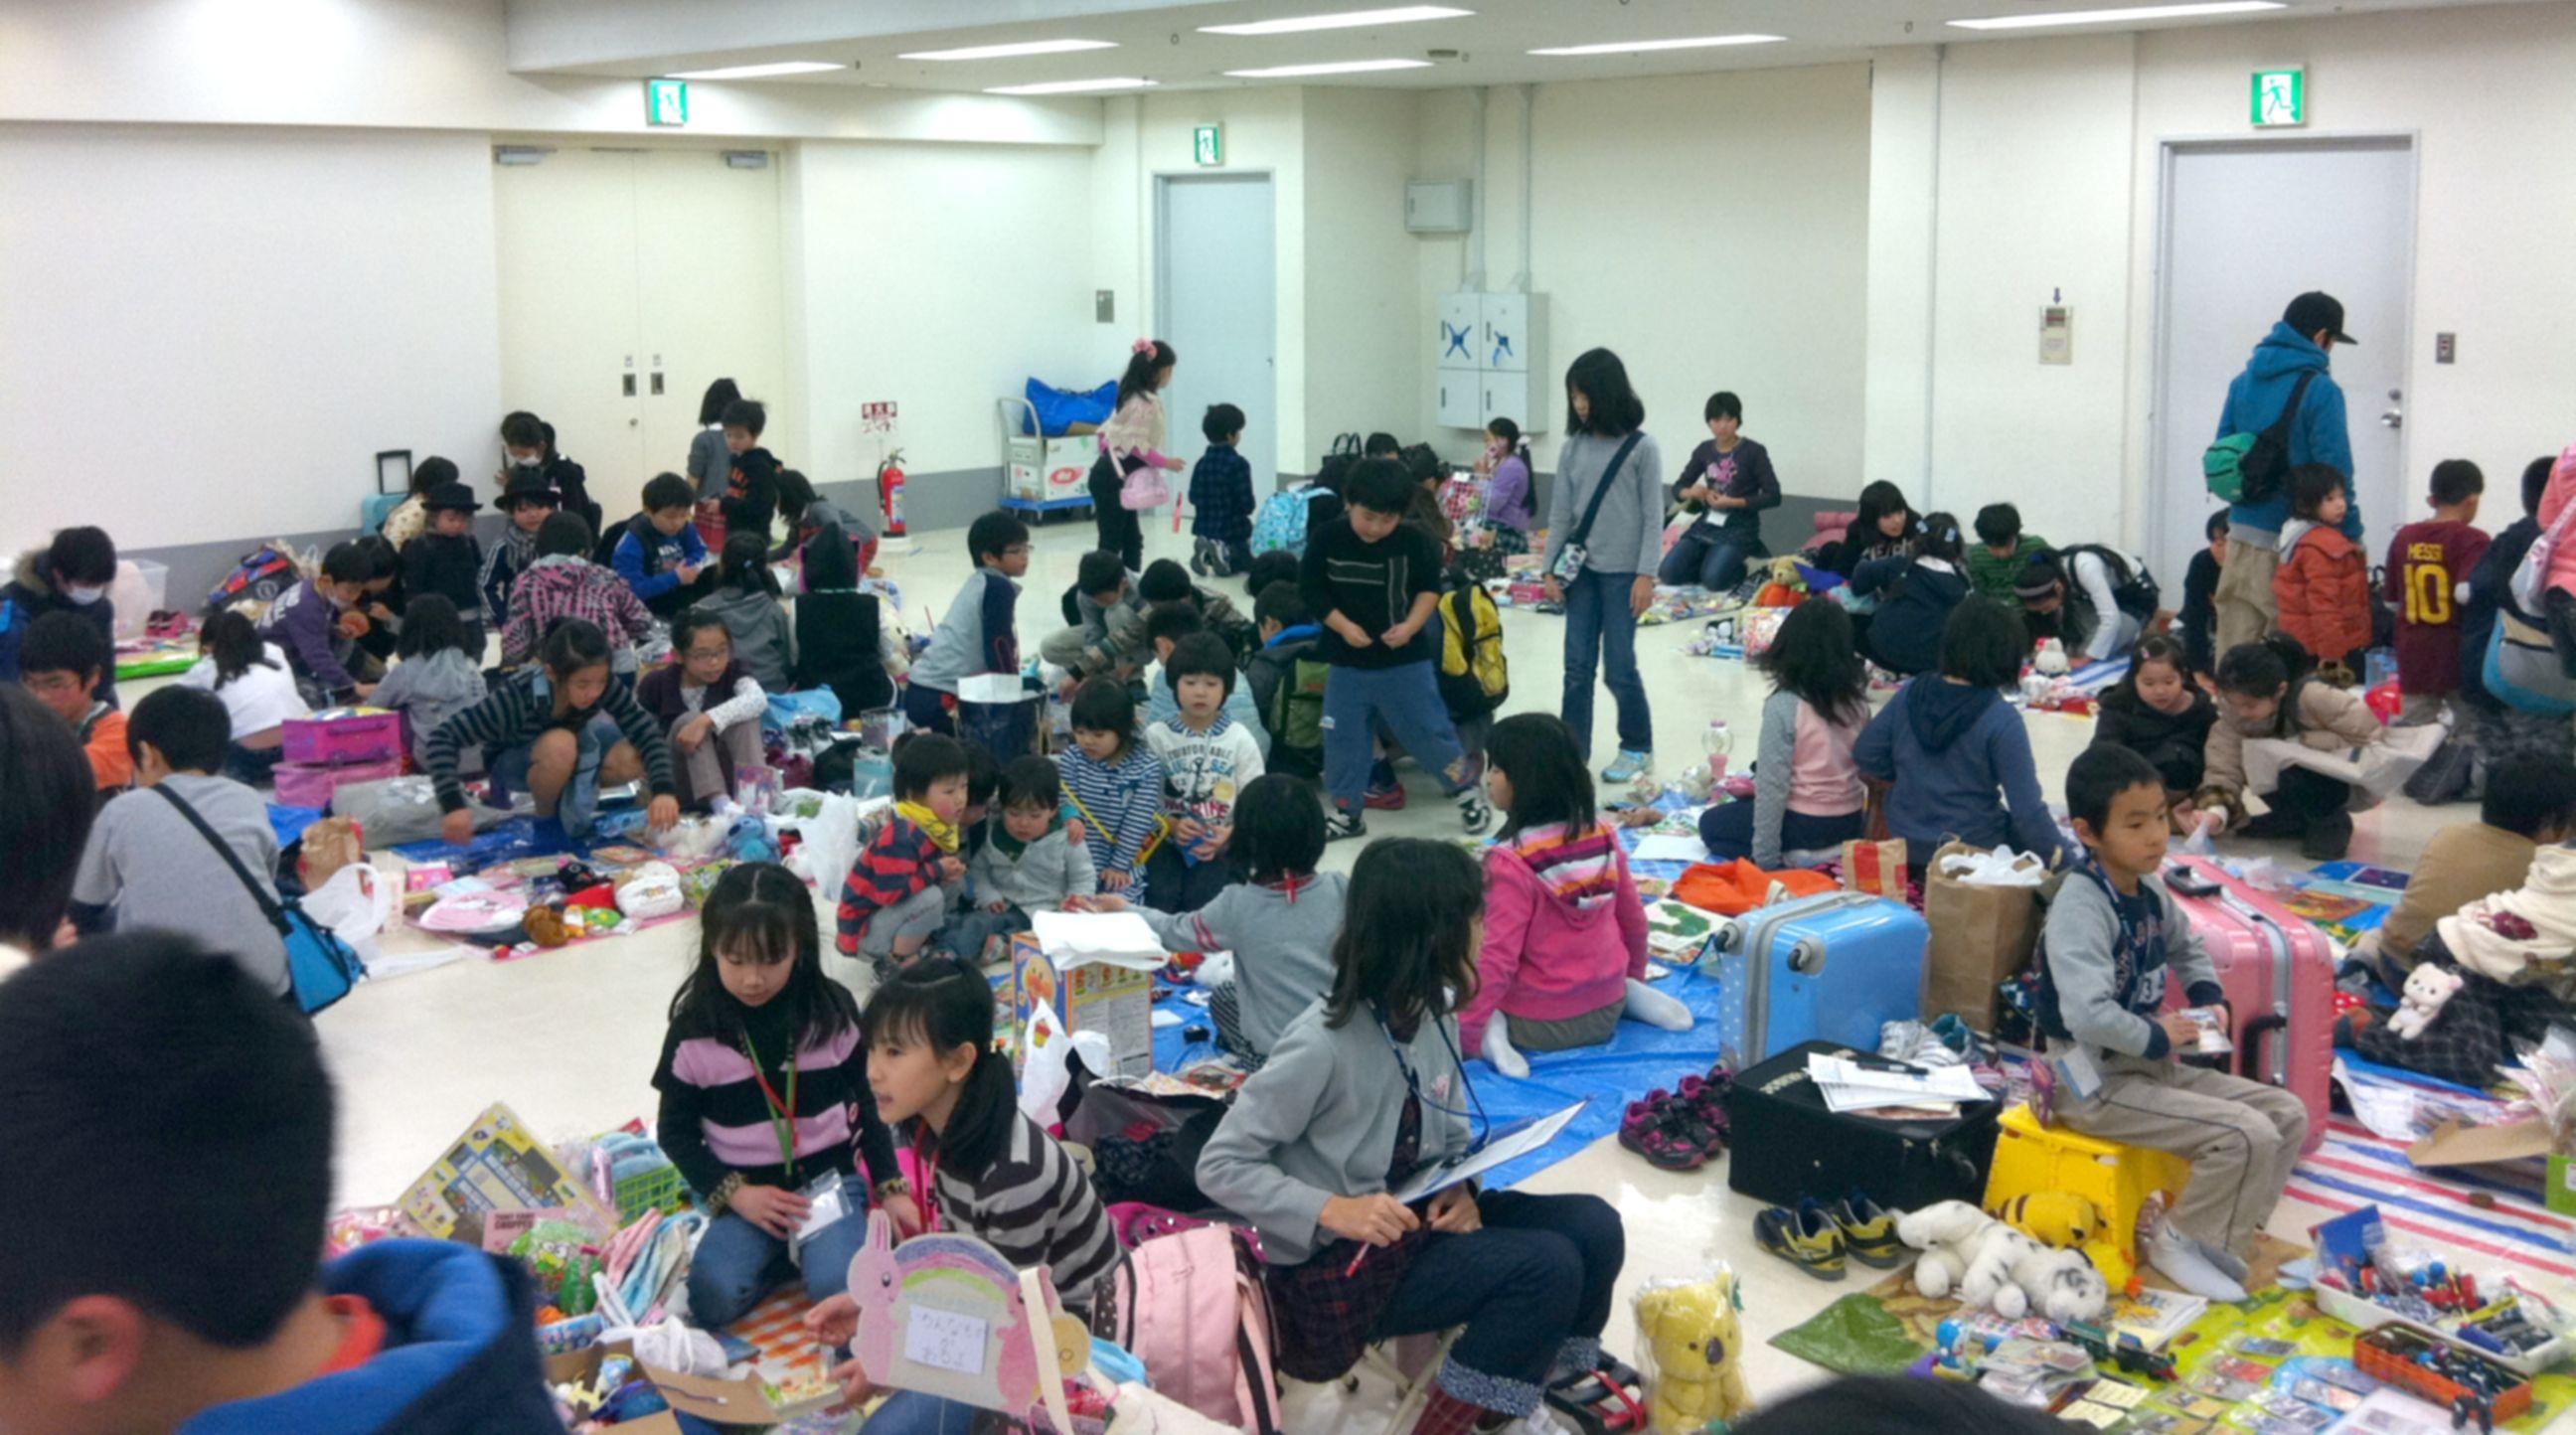 MOTTAINAIフリーマーケット開催報告@秋葉原・池袋_e0105047_1158864.jpg